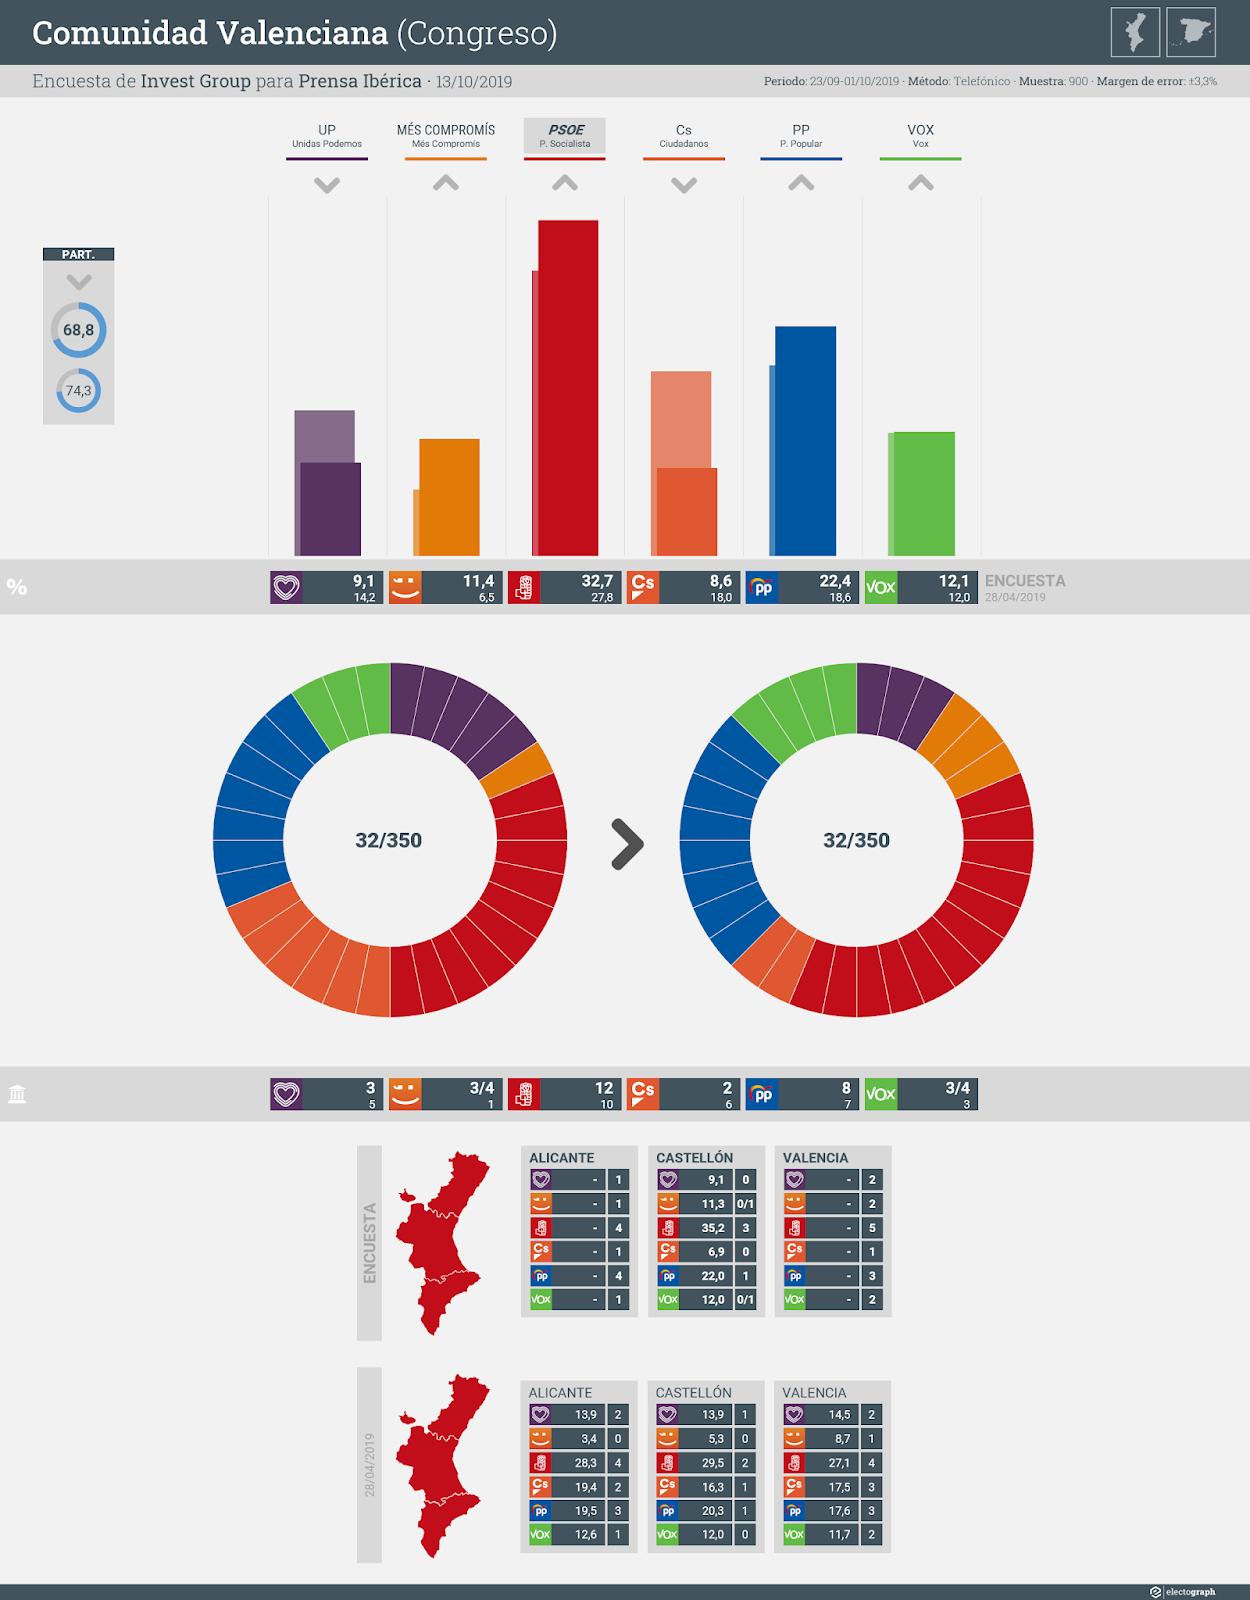 Gráfico de la encuesta para elecciones generales en la Comunidad Valenciana realizada por Invest Group para Prensa Ibérica, 13 de octubre de 2019